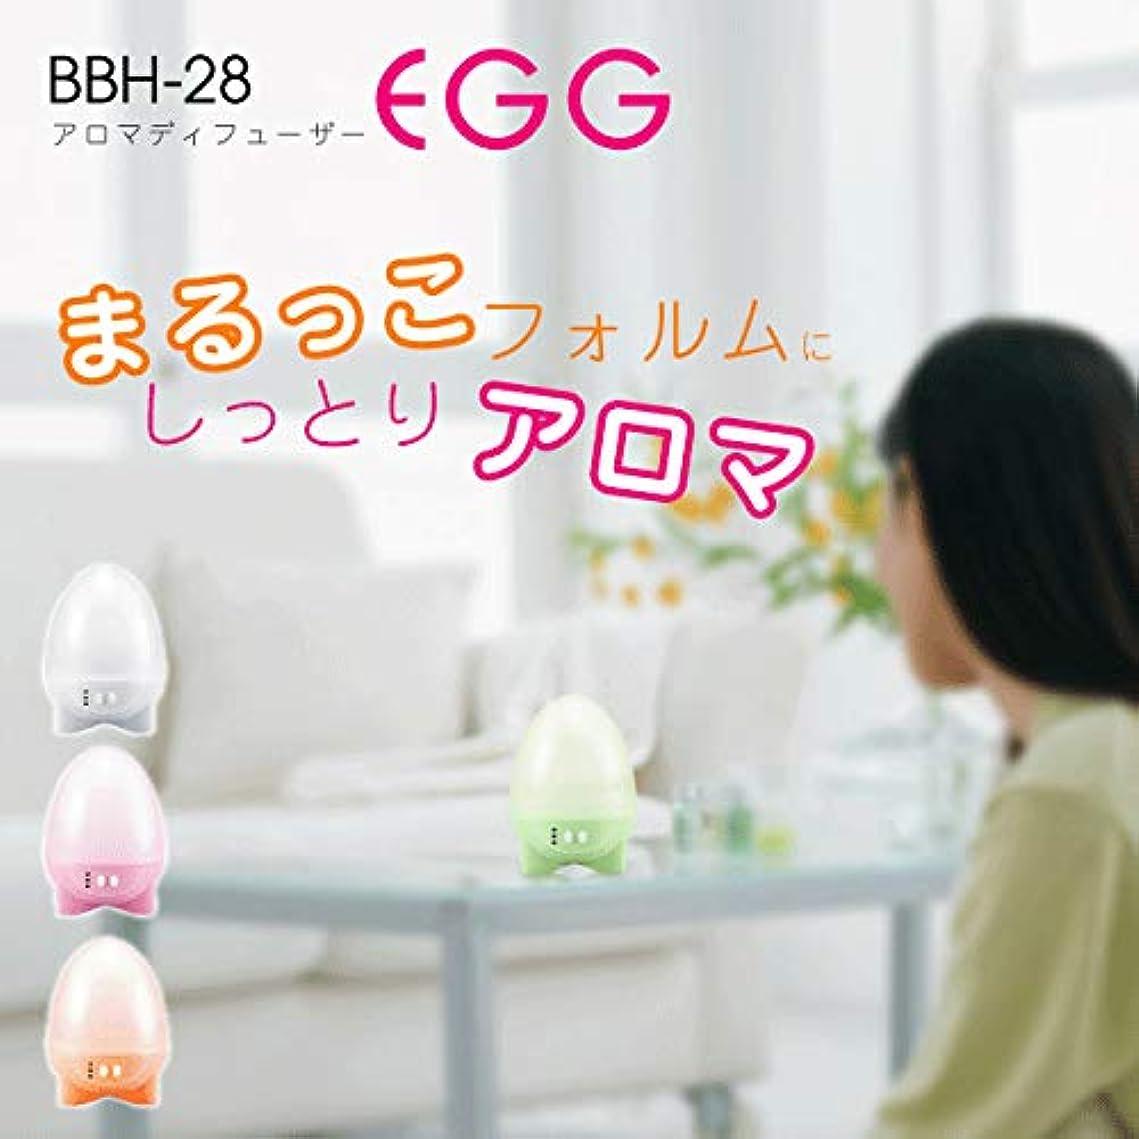 狼球体混乱したPRISMATE(プリズメイト)アロマディフューザー Egg BBH-28 [在庫有]